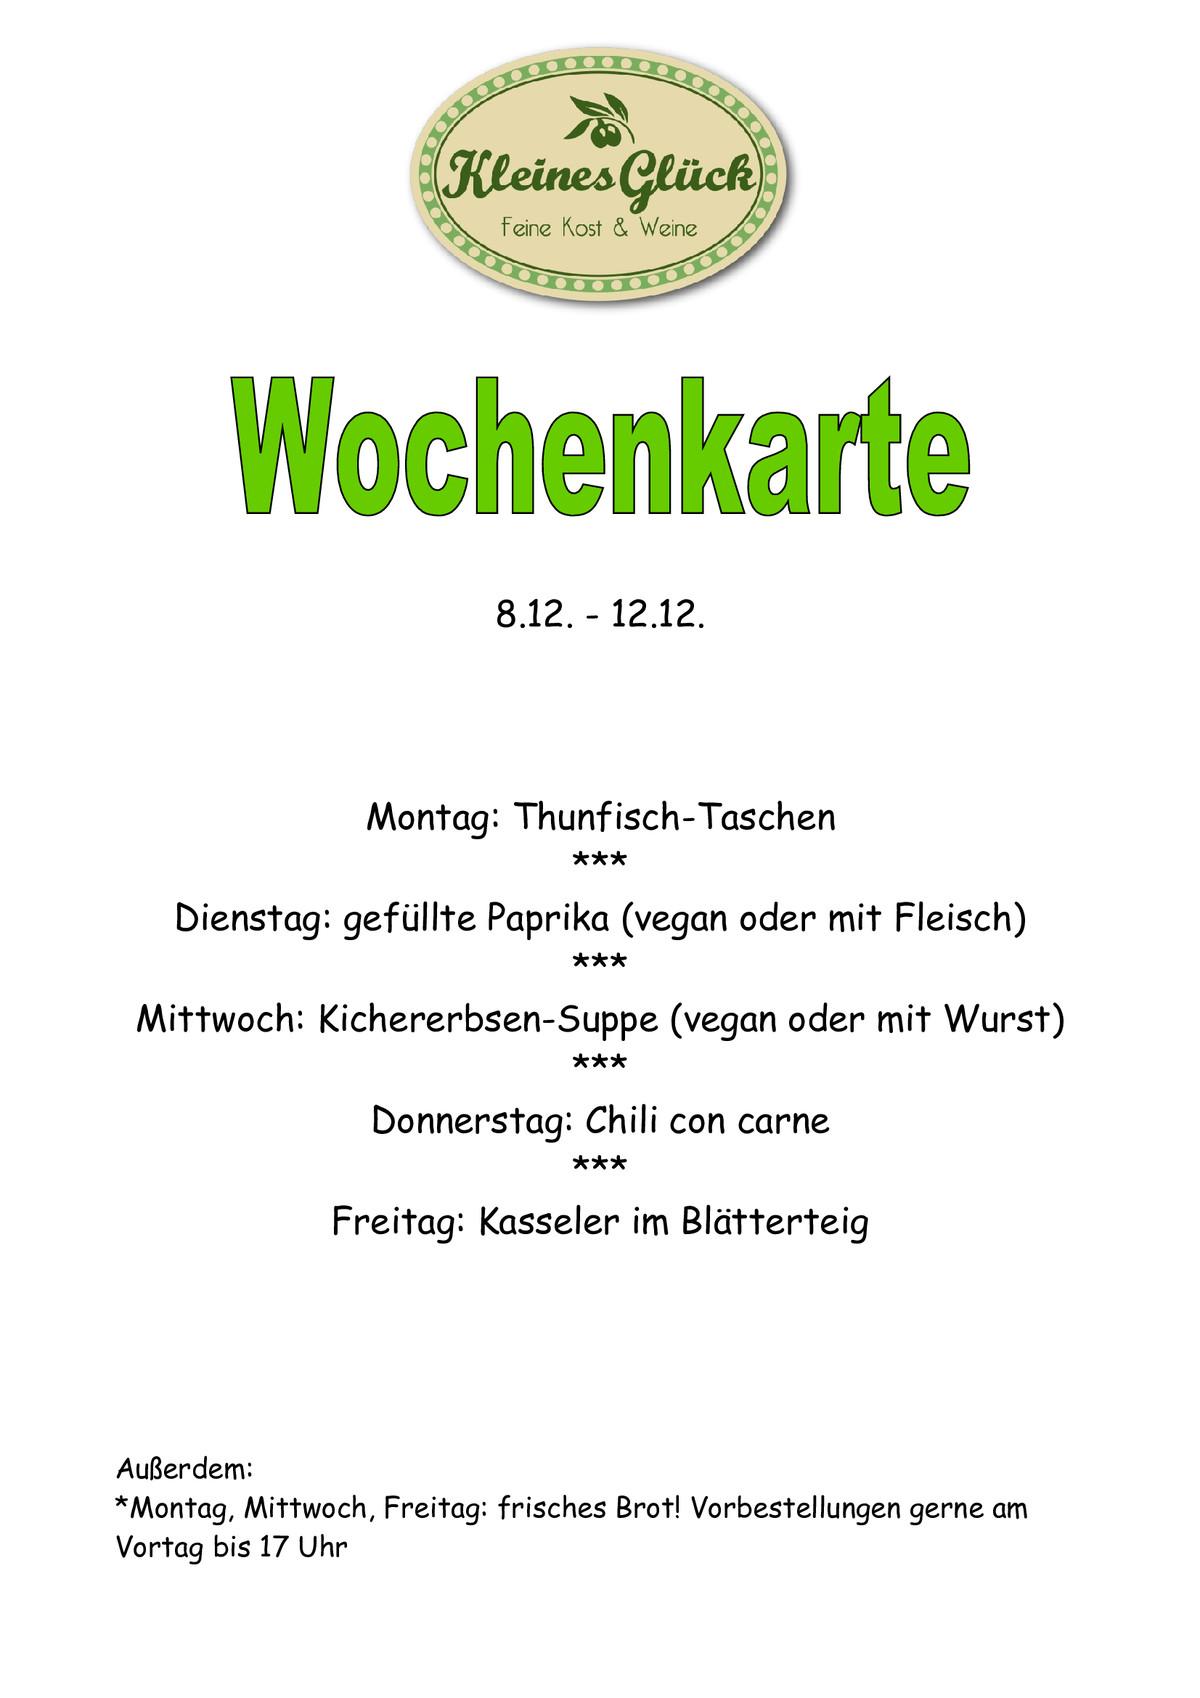 Wochenkarte_14-50